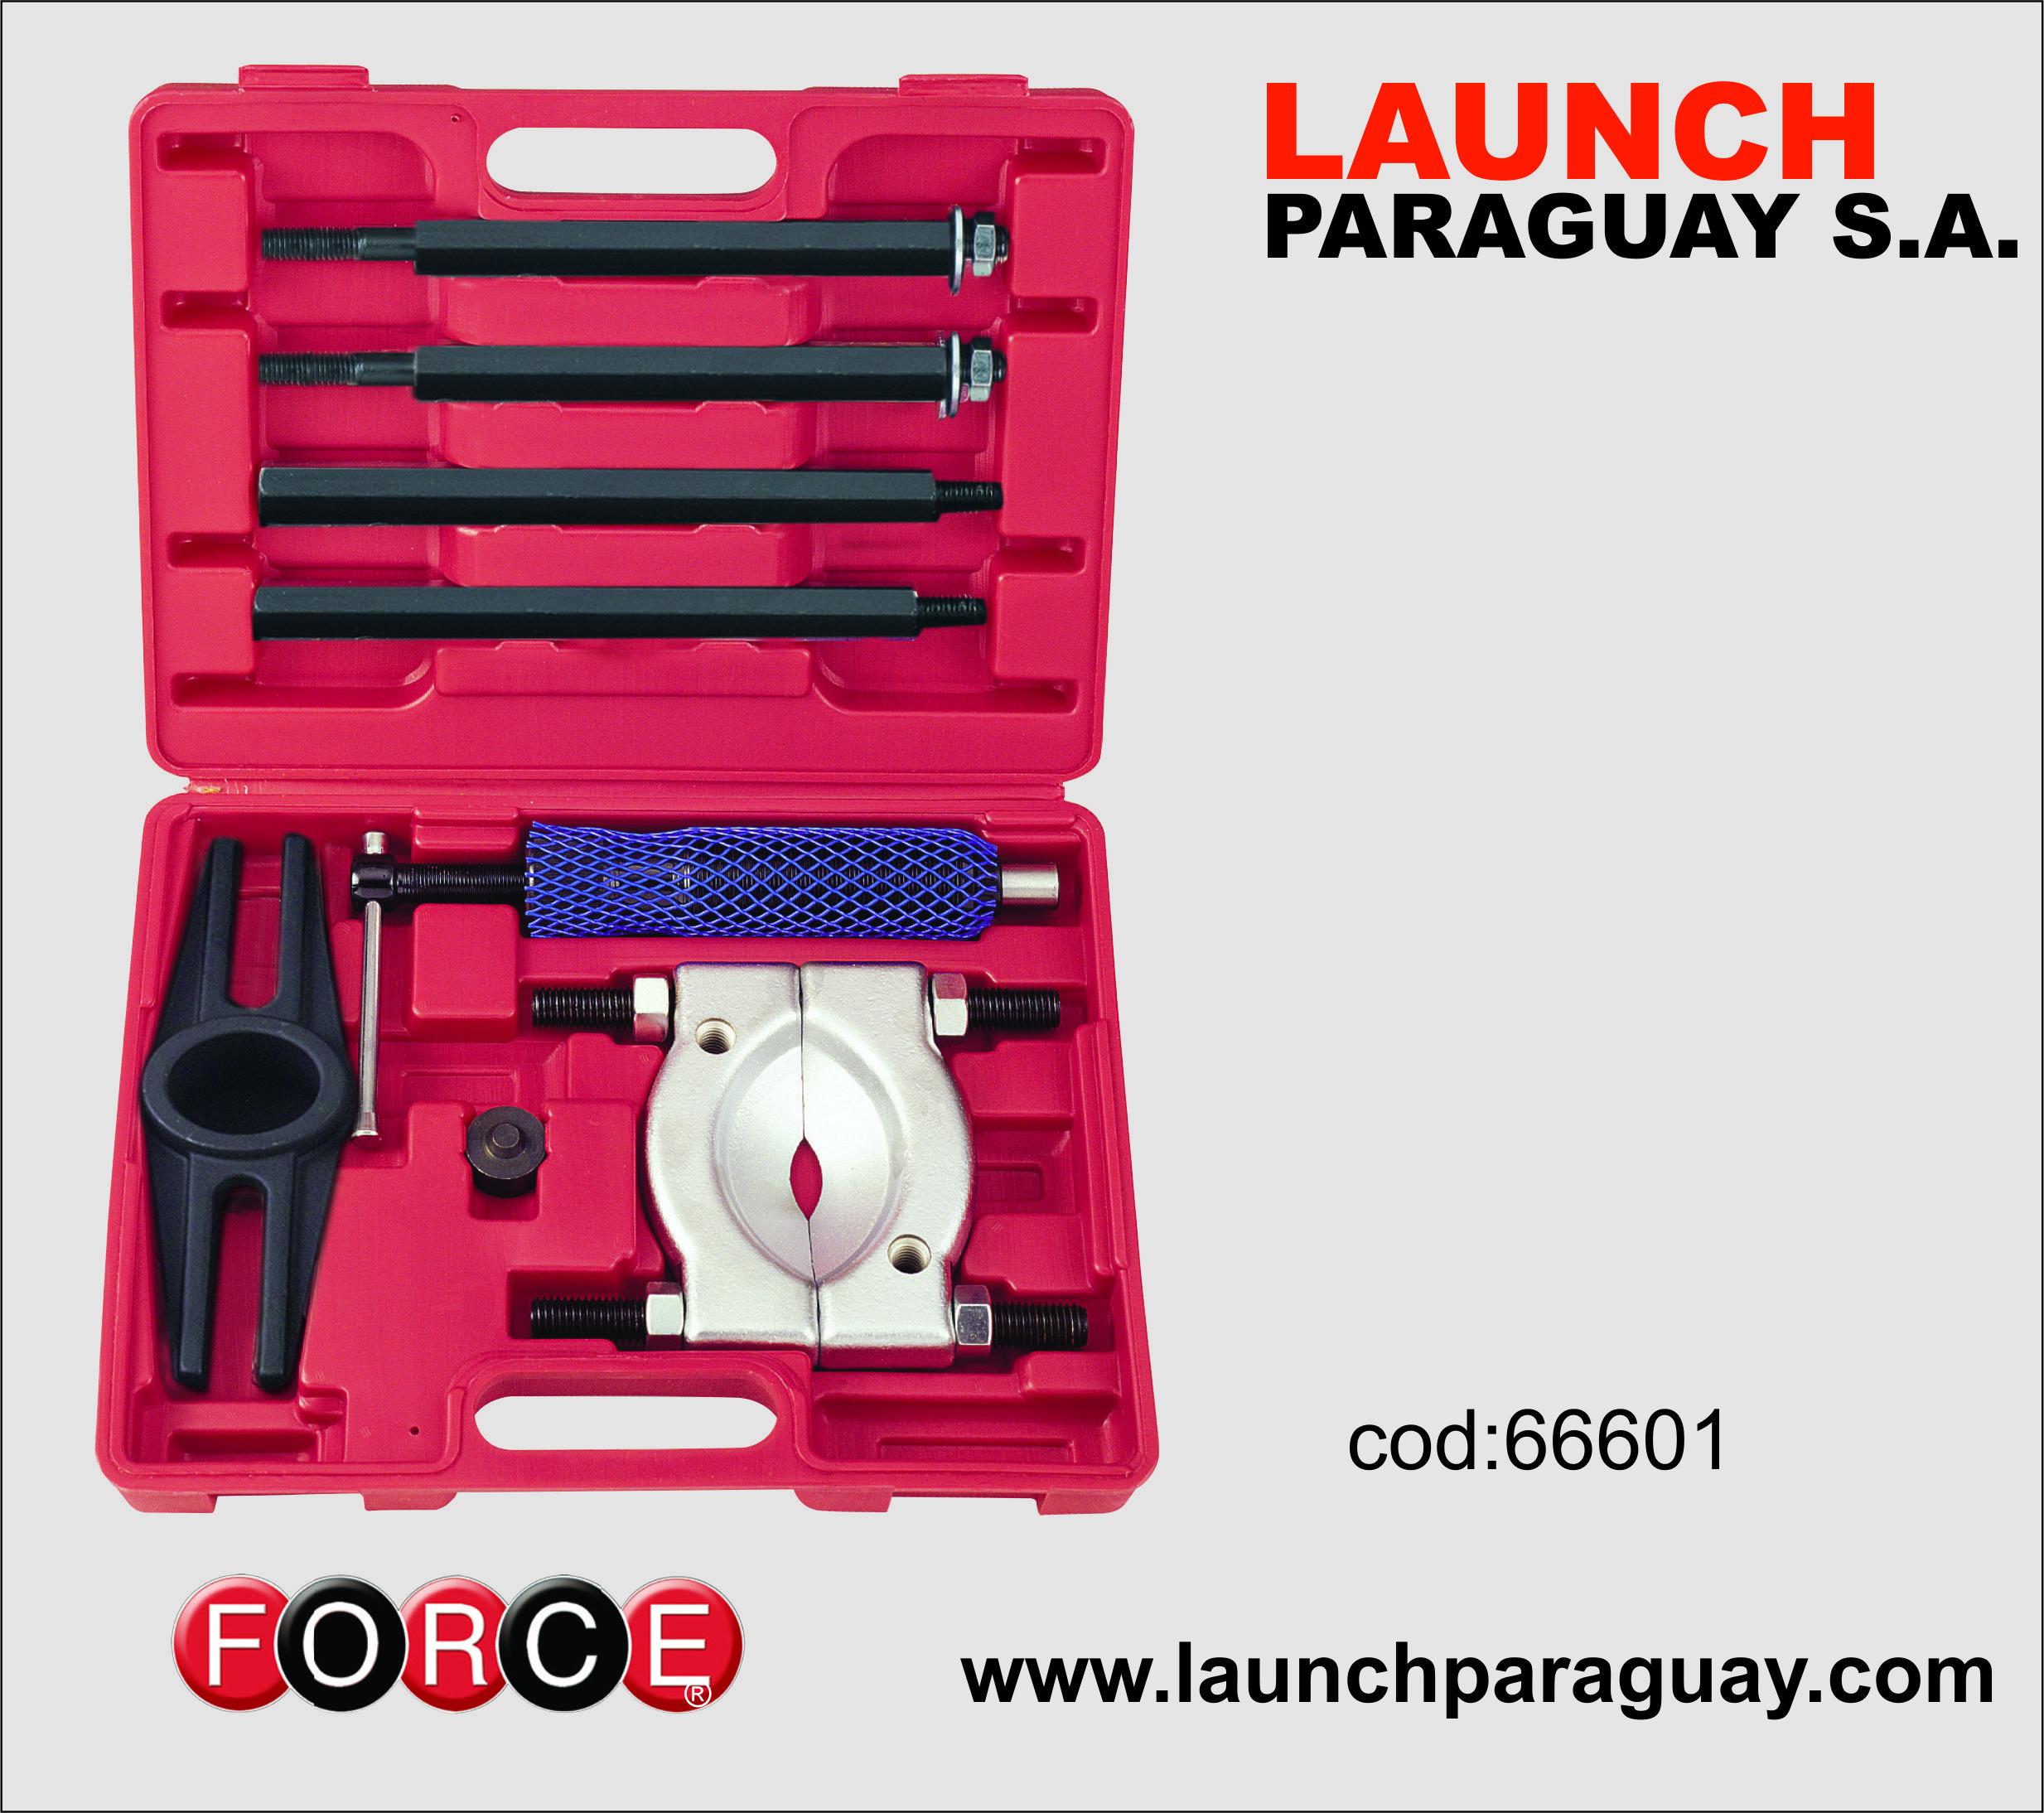 Extractor de rodamientos,extractor de poleas,extractor rodamientos,extractor de cojinetes,extractor de rodamientos internos,extractor cojinetes,herramientas